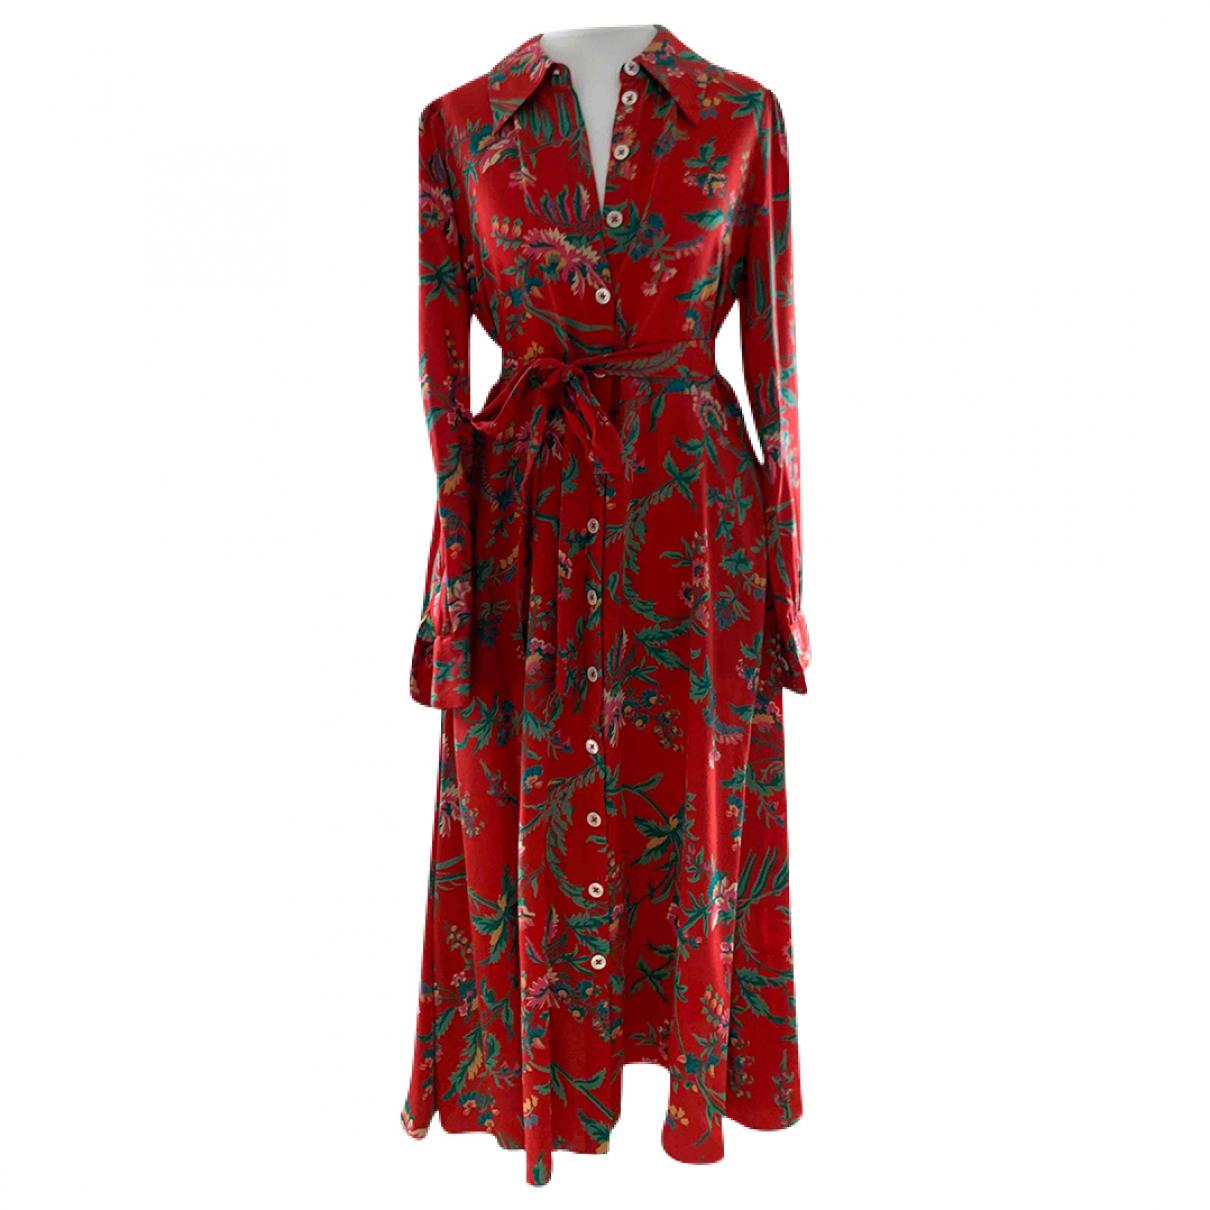 Lk Bennett \N Kleid in  Rot Seide